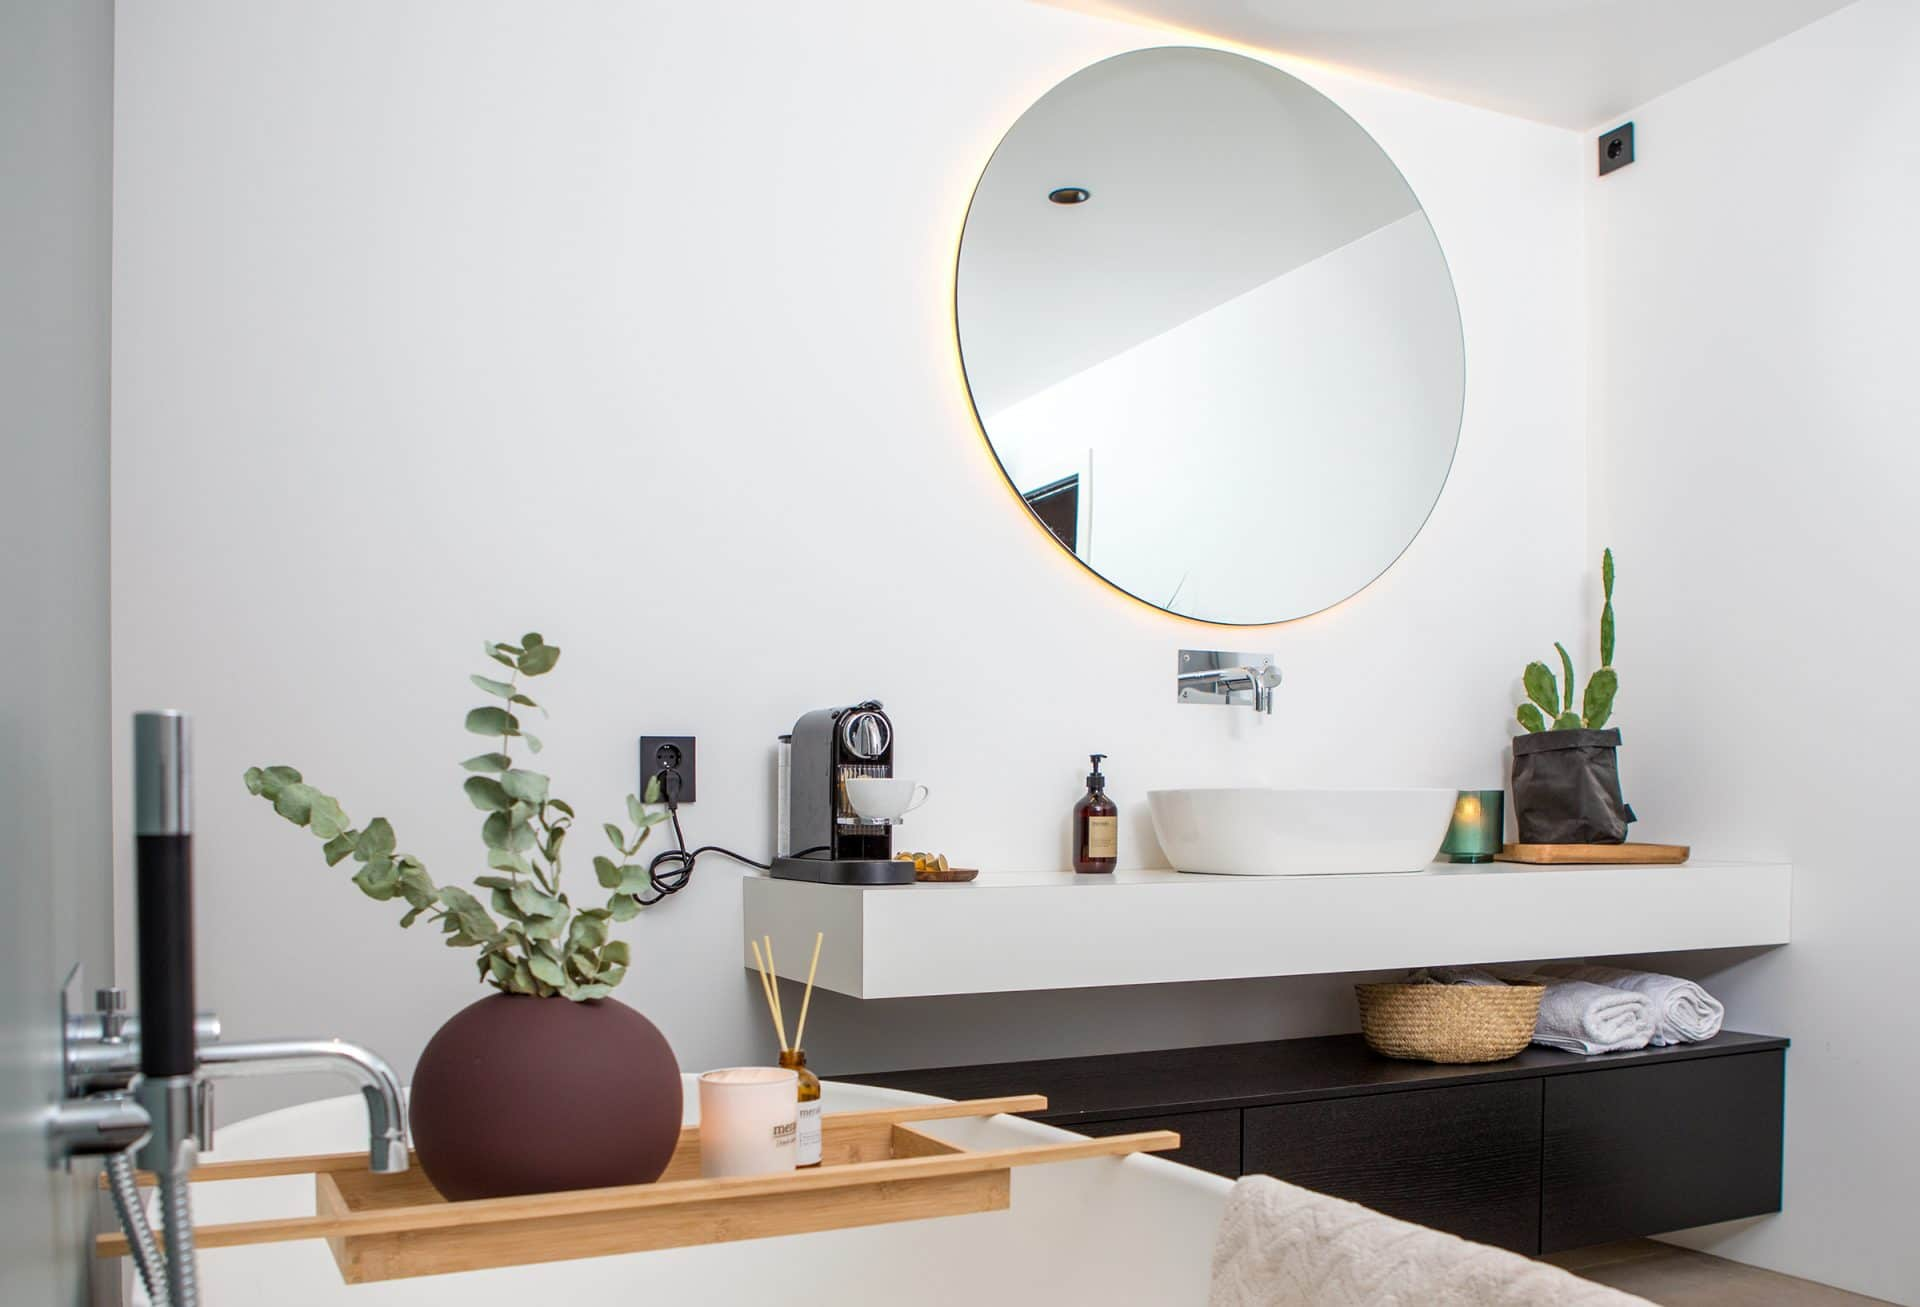 Detaljbilde fra bad med frittstående badekar og rundt speil